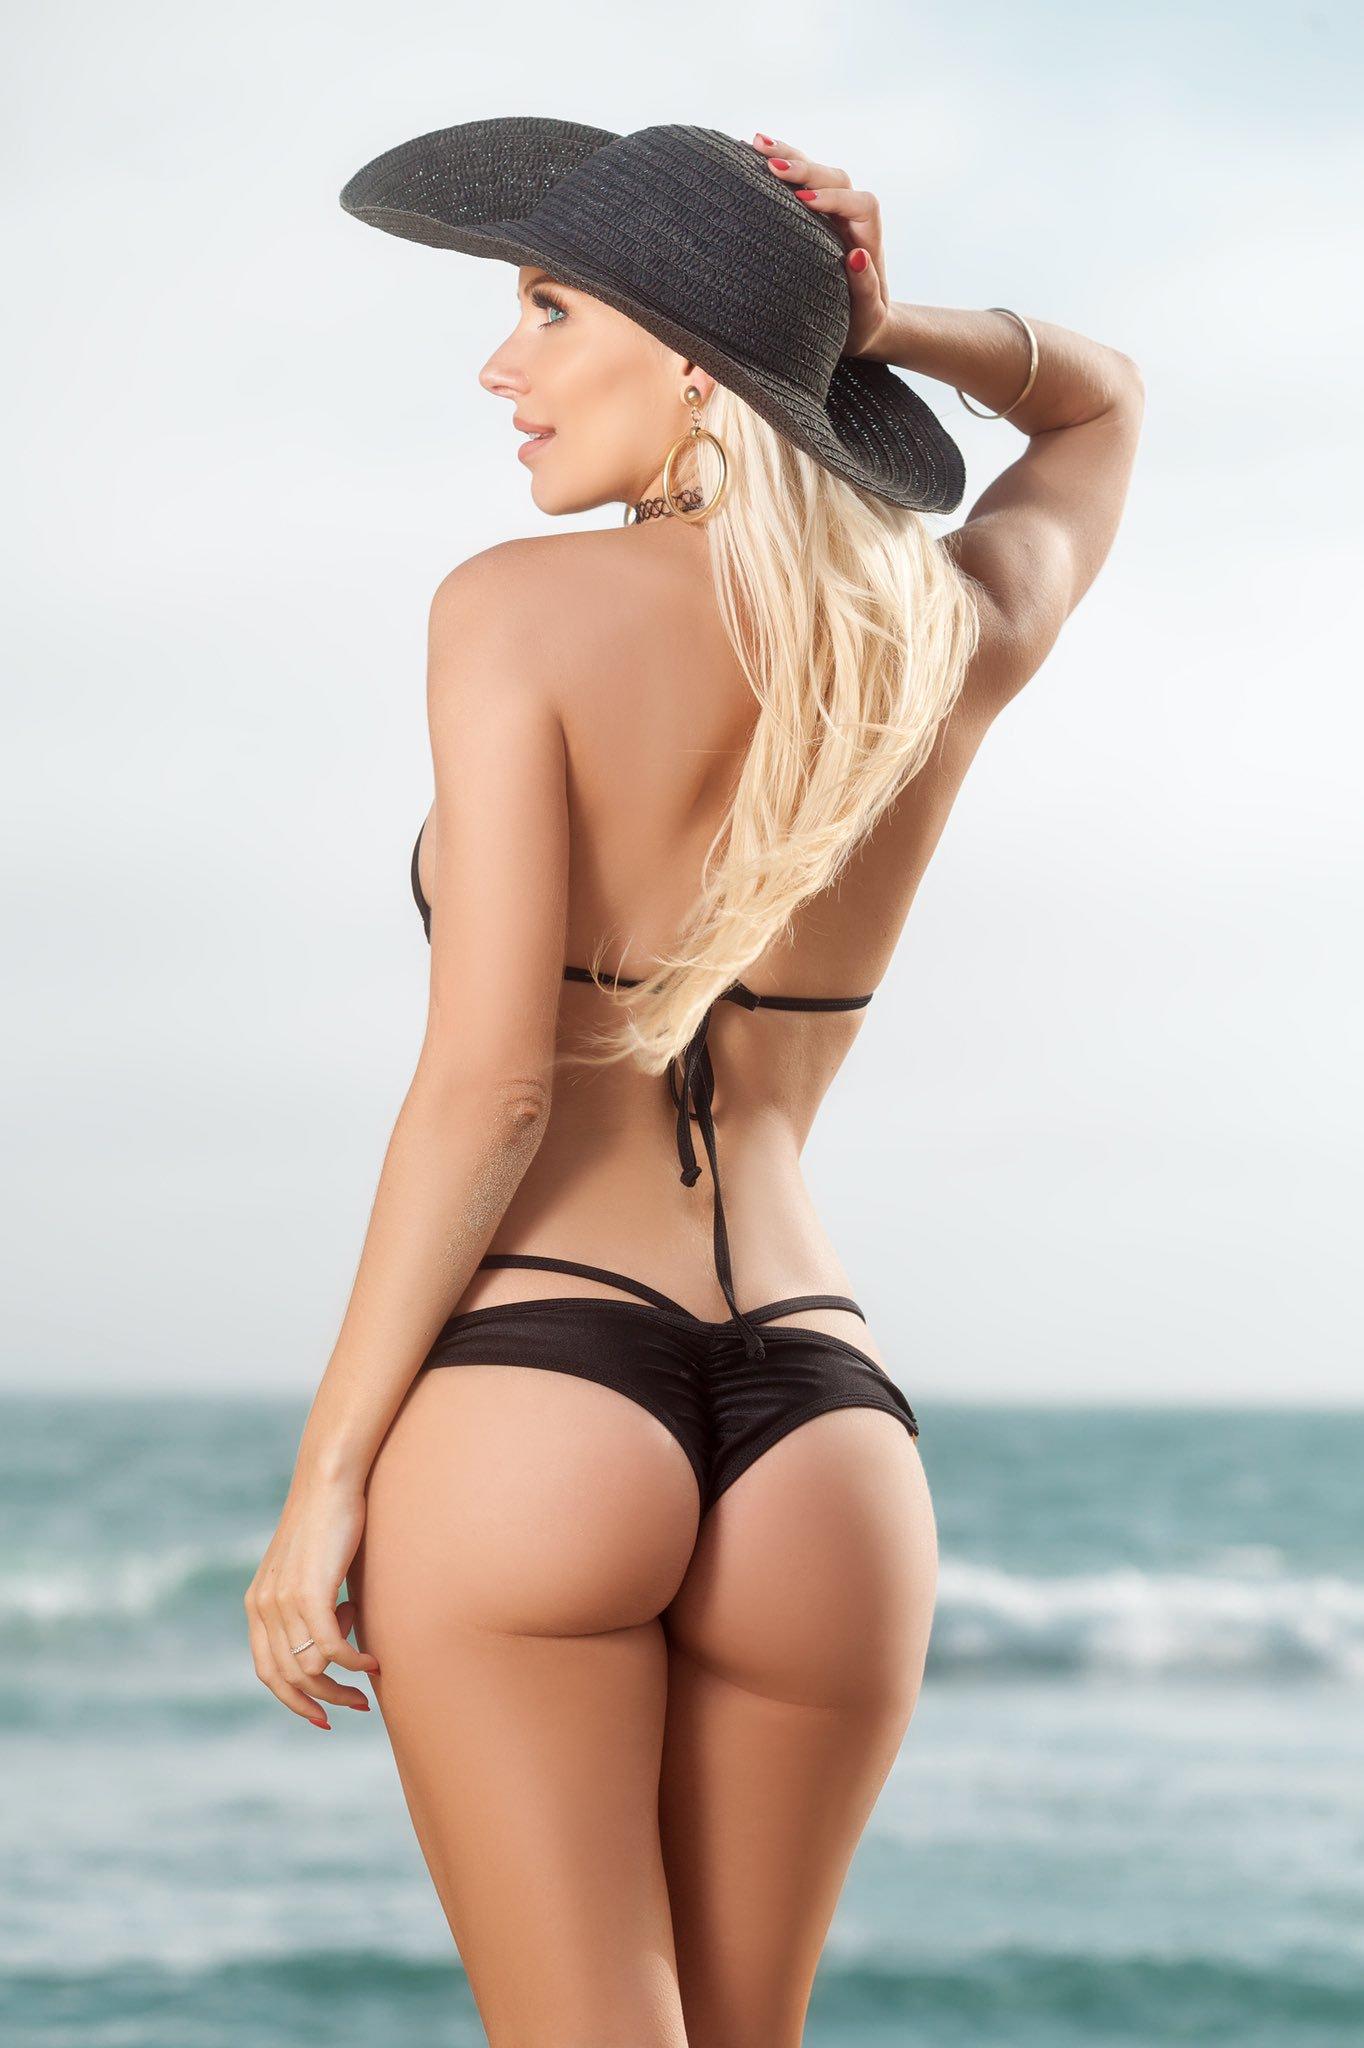 Ass titties Bikini blonde hair long model are very